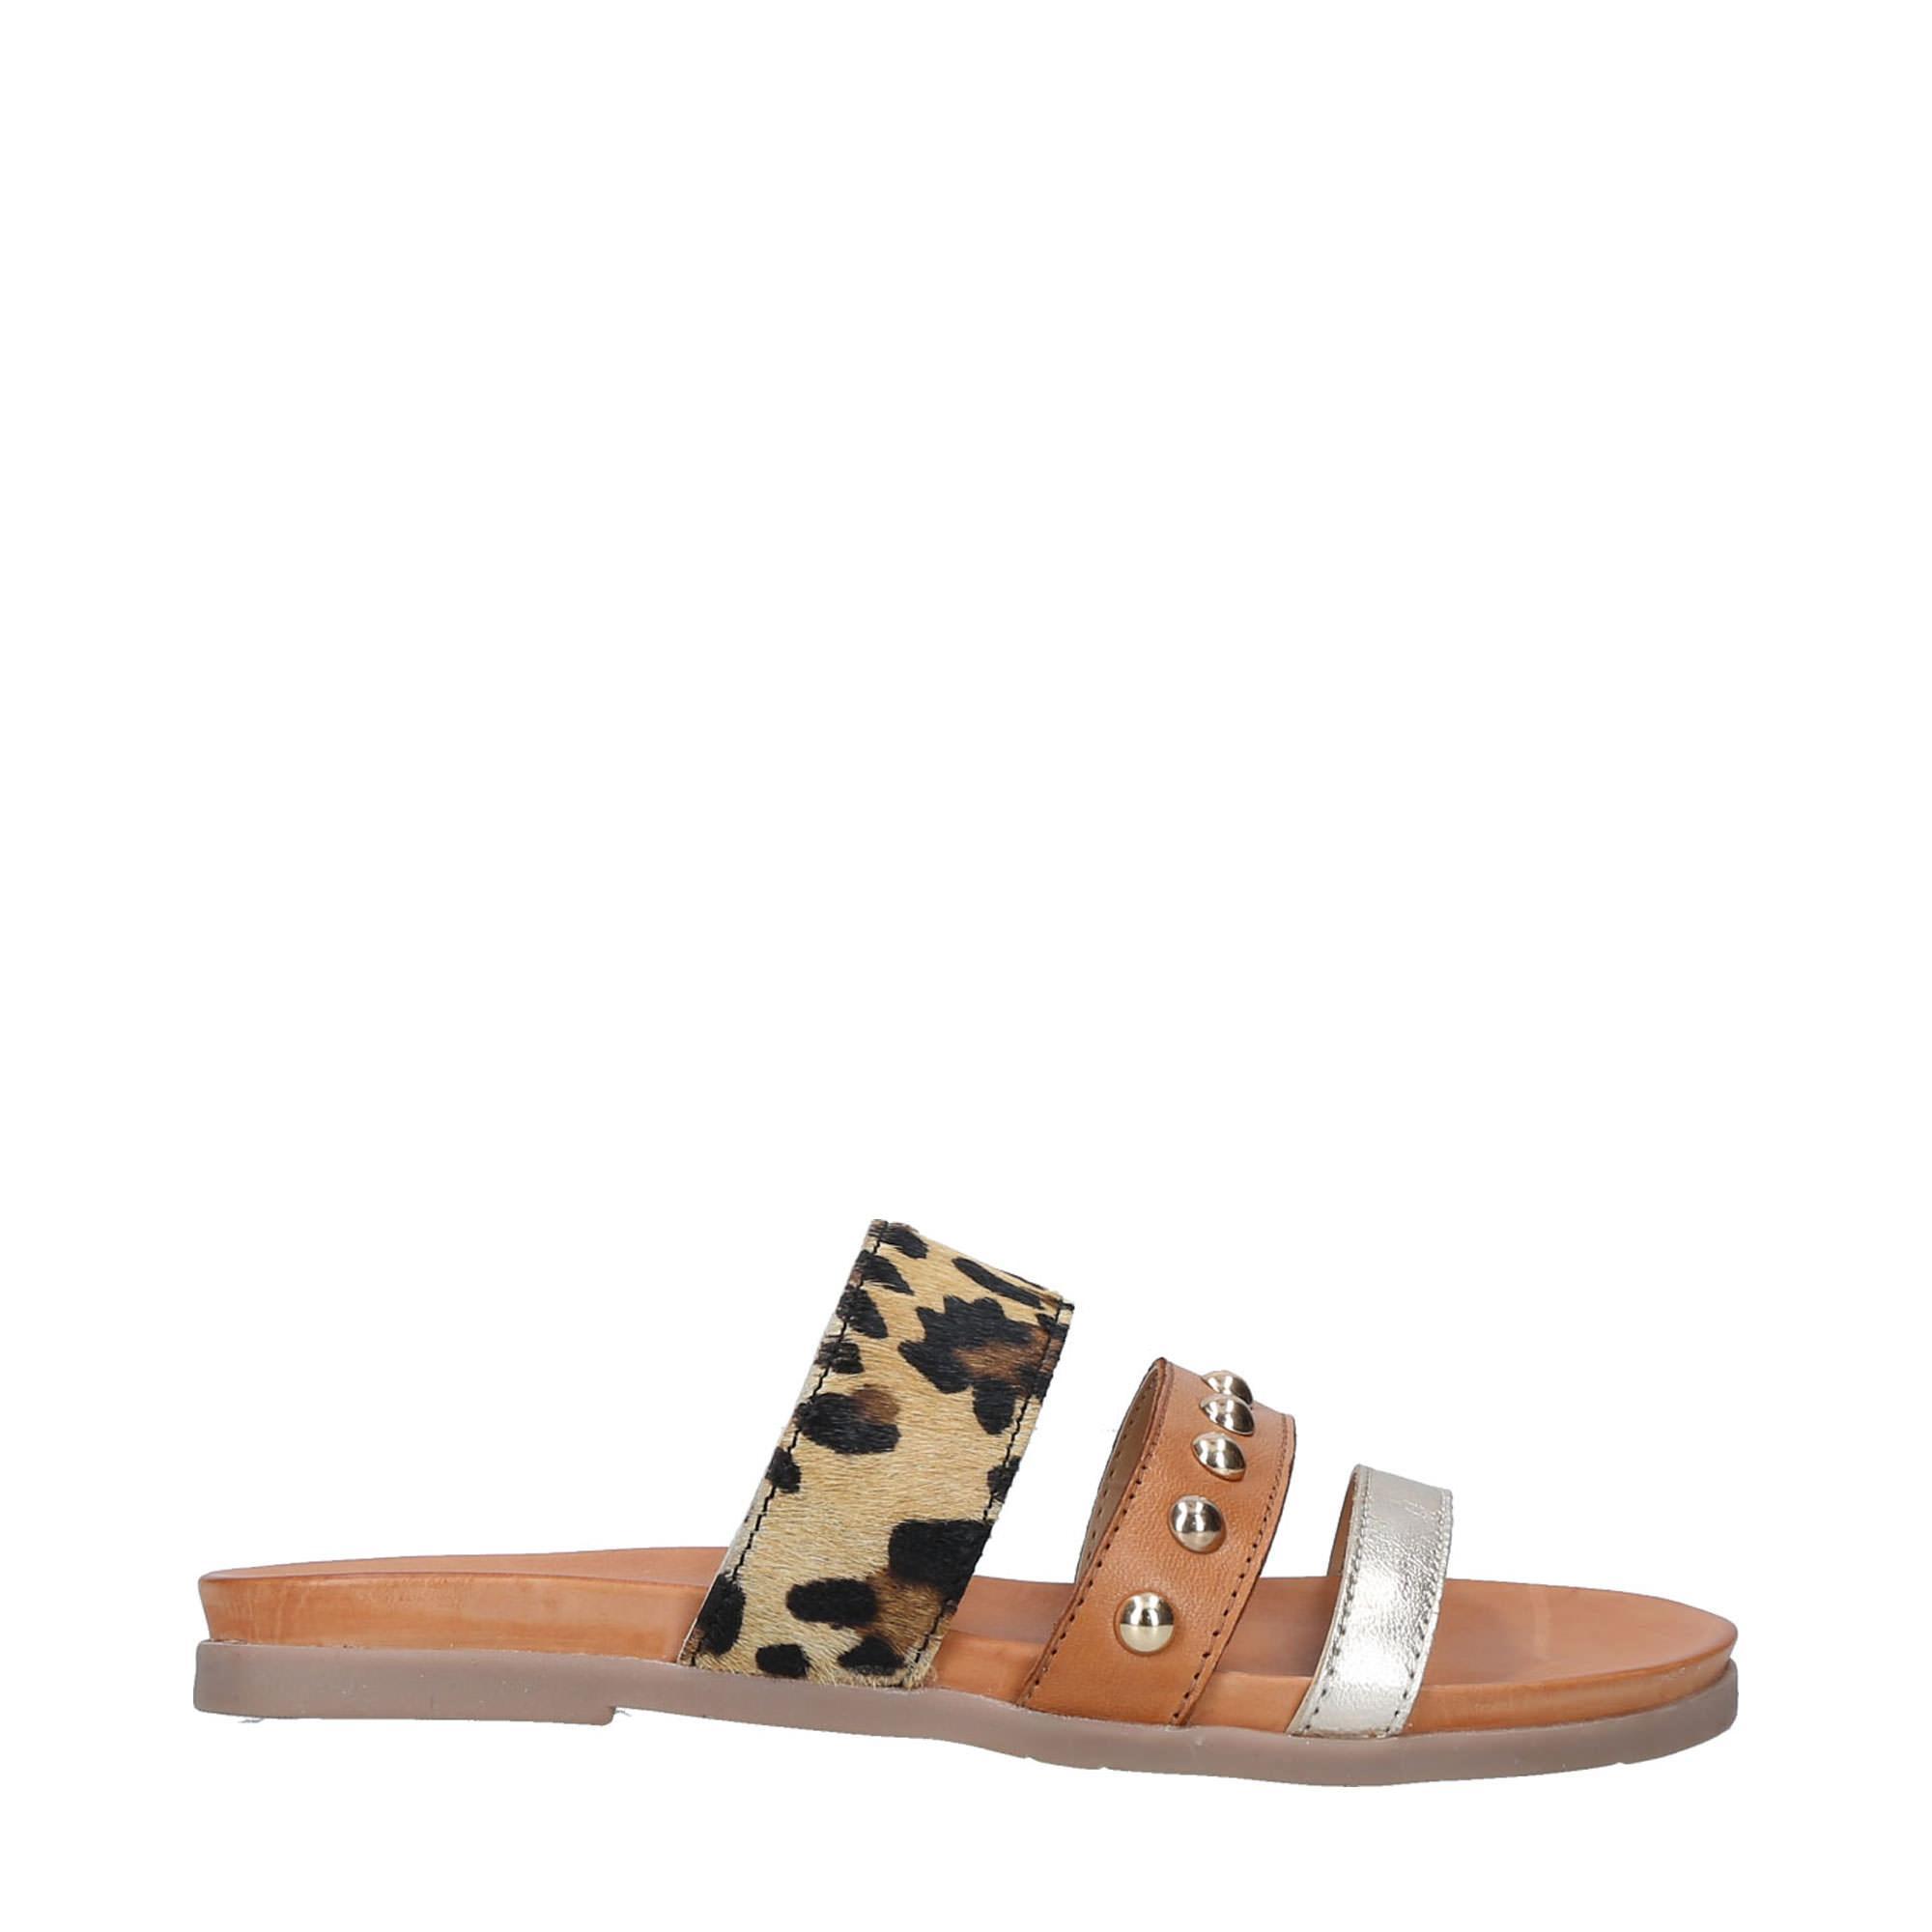 Antigua Sandals